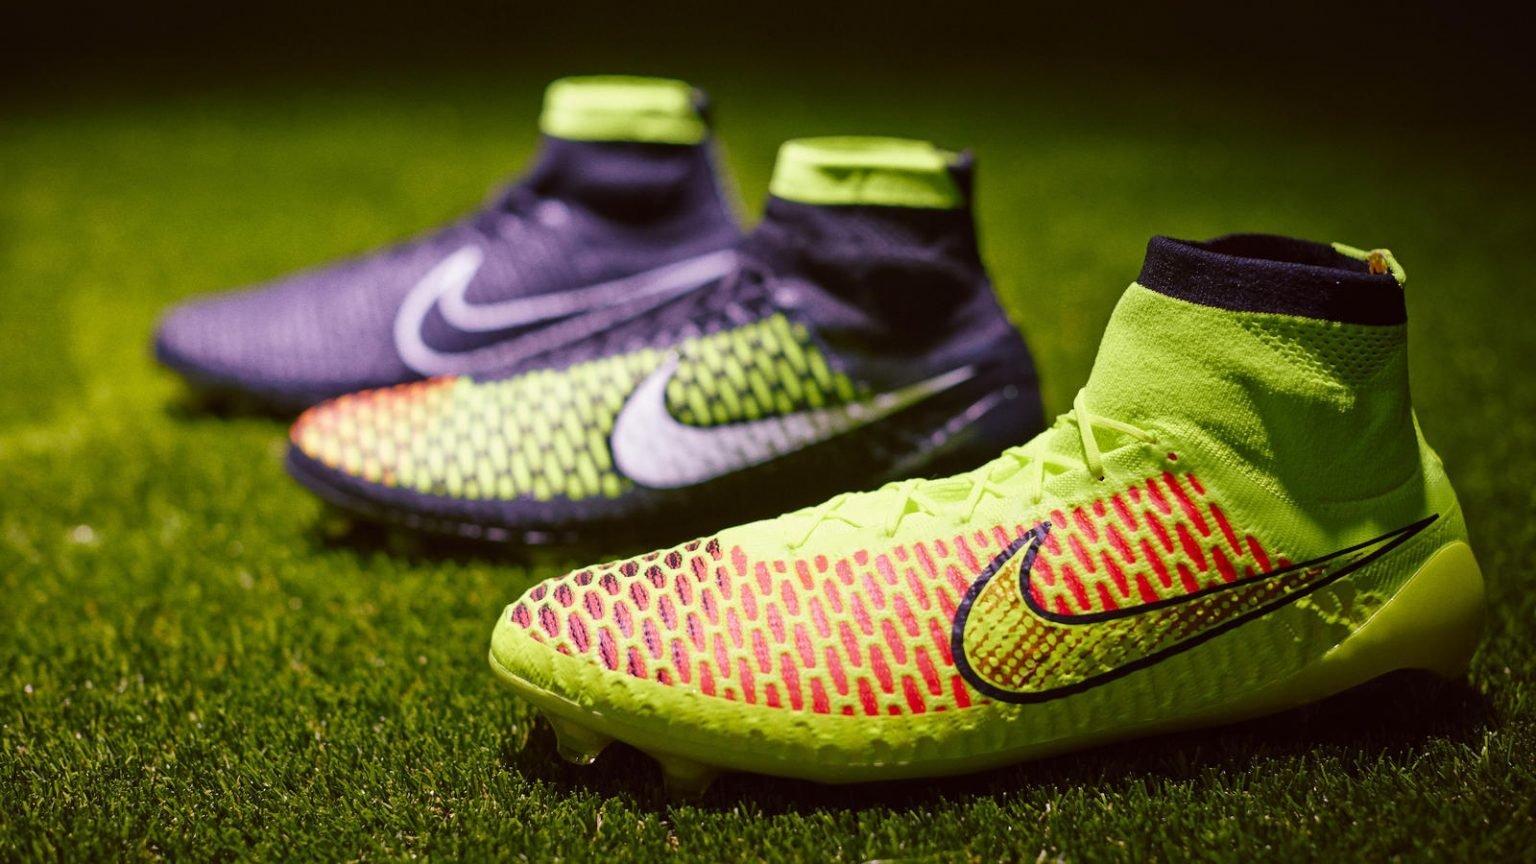 Giày Nike Magista Obra I được ra mắt tại World Cup 2014